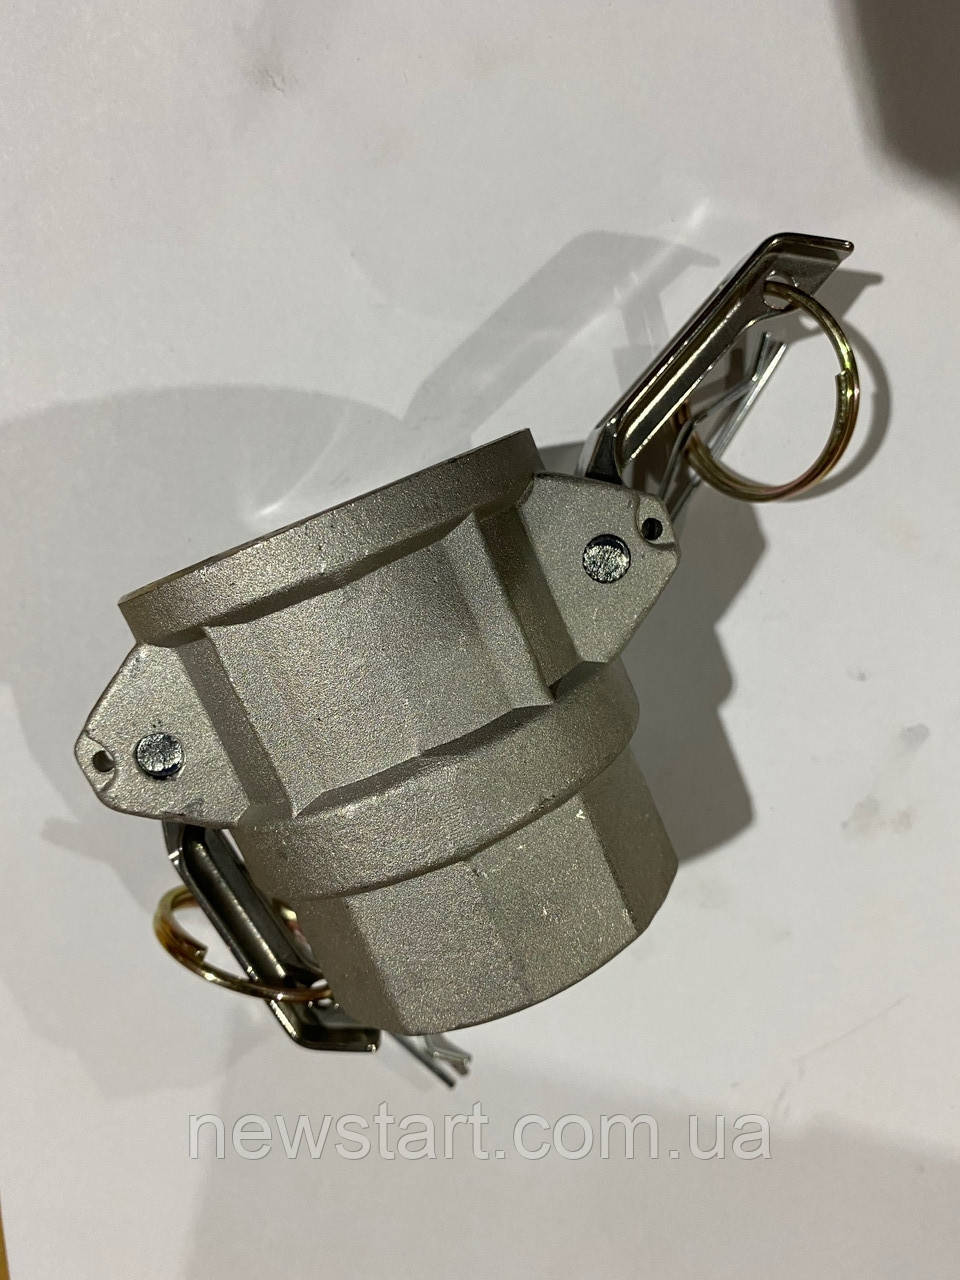 Камлок (camlock) алюмінієвий тип D